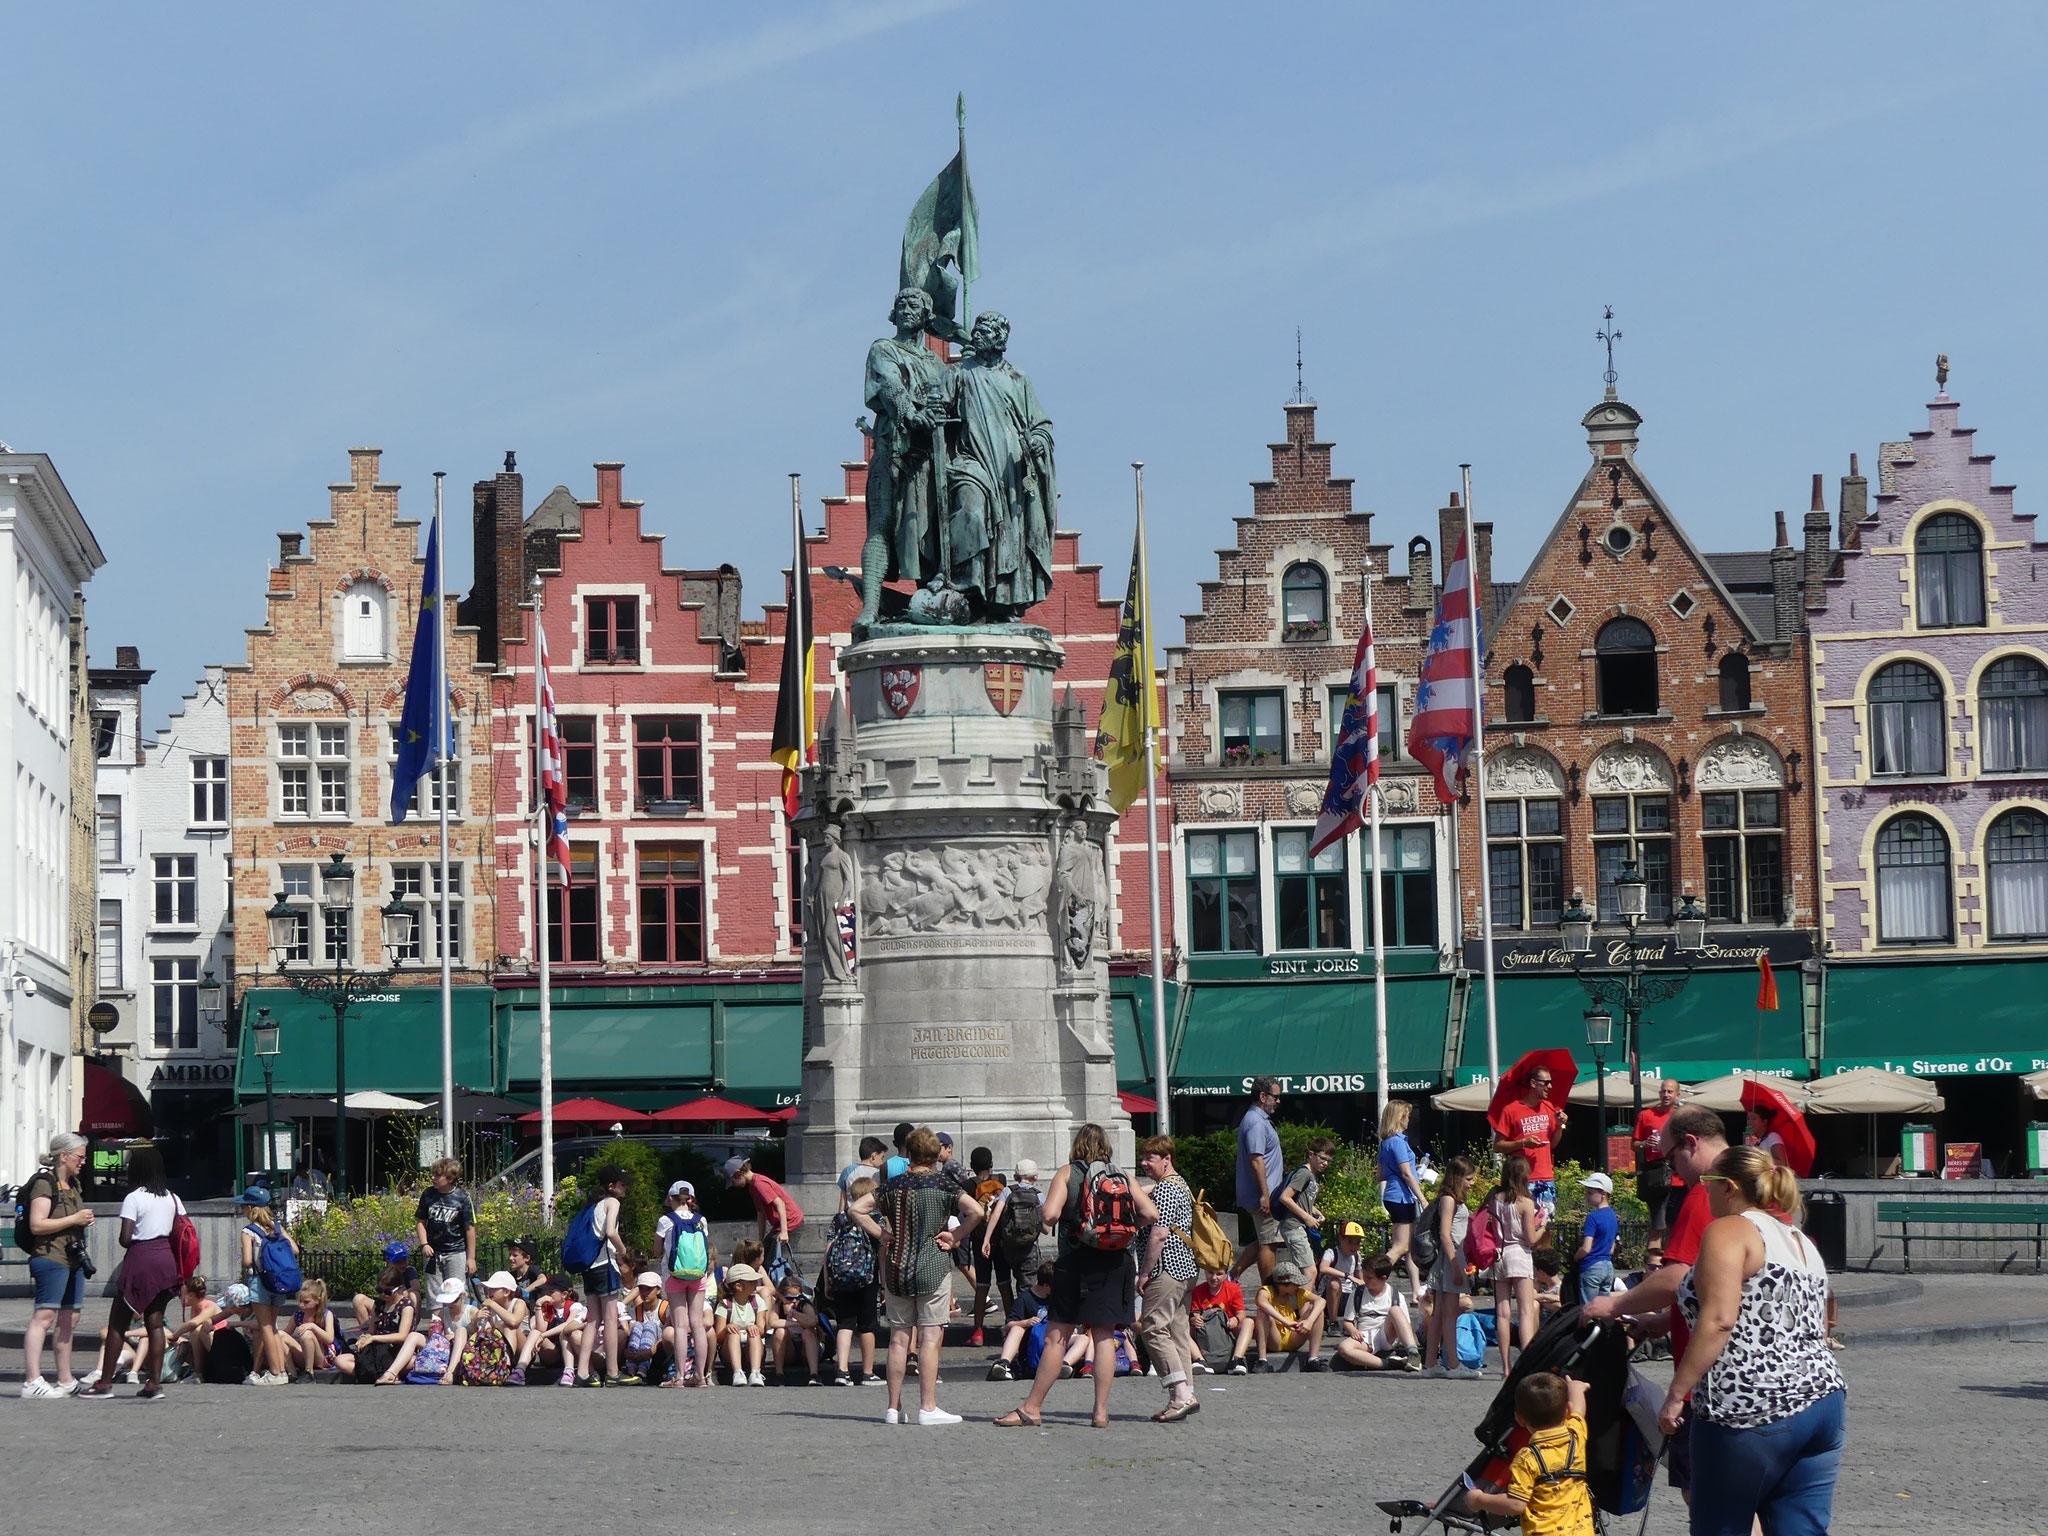 Place du marché à Bruges